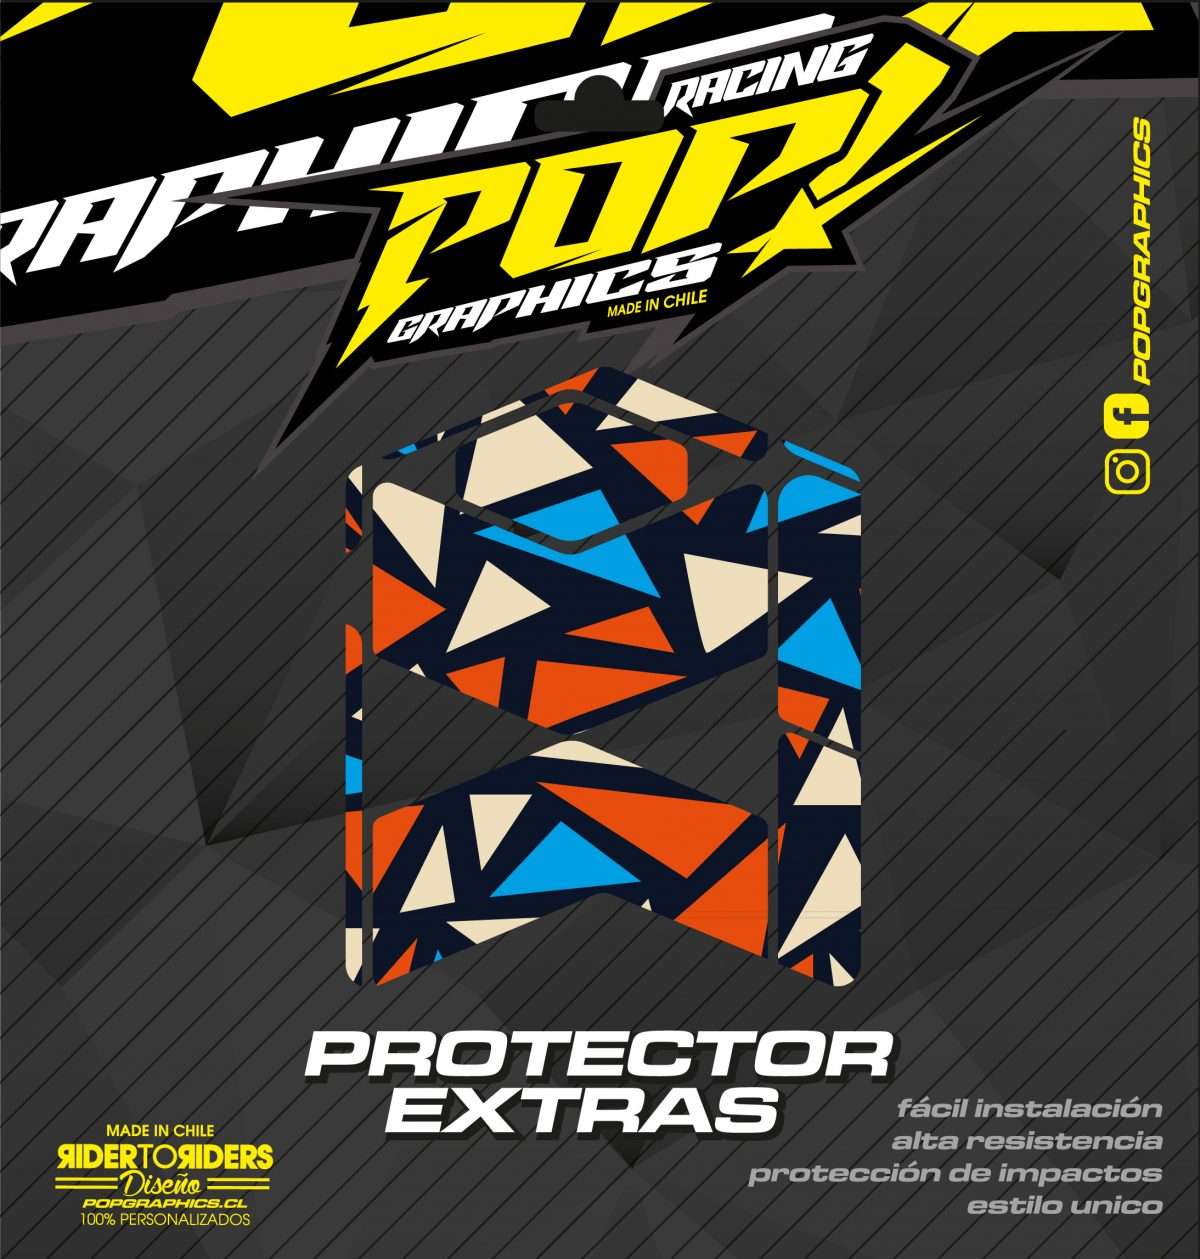 Protector extra triángulos colores